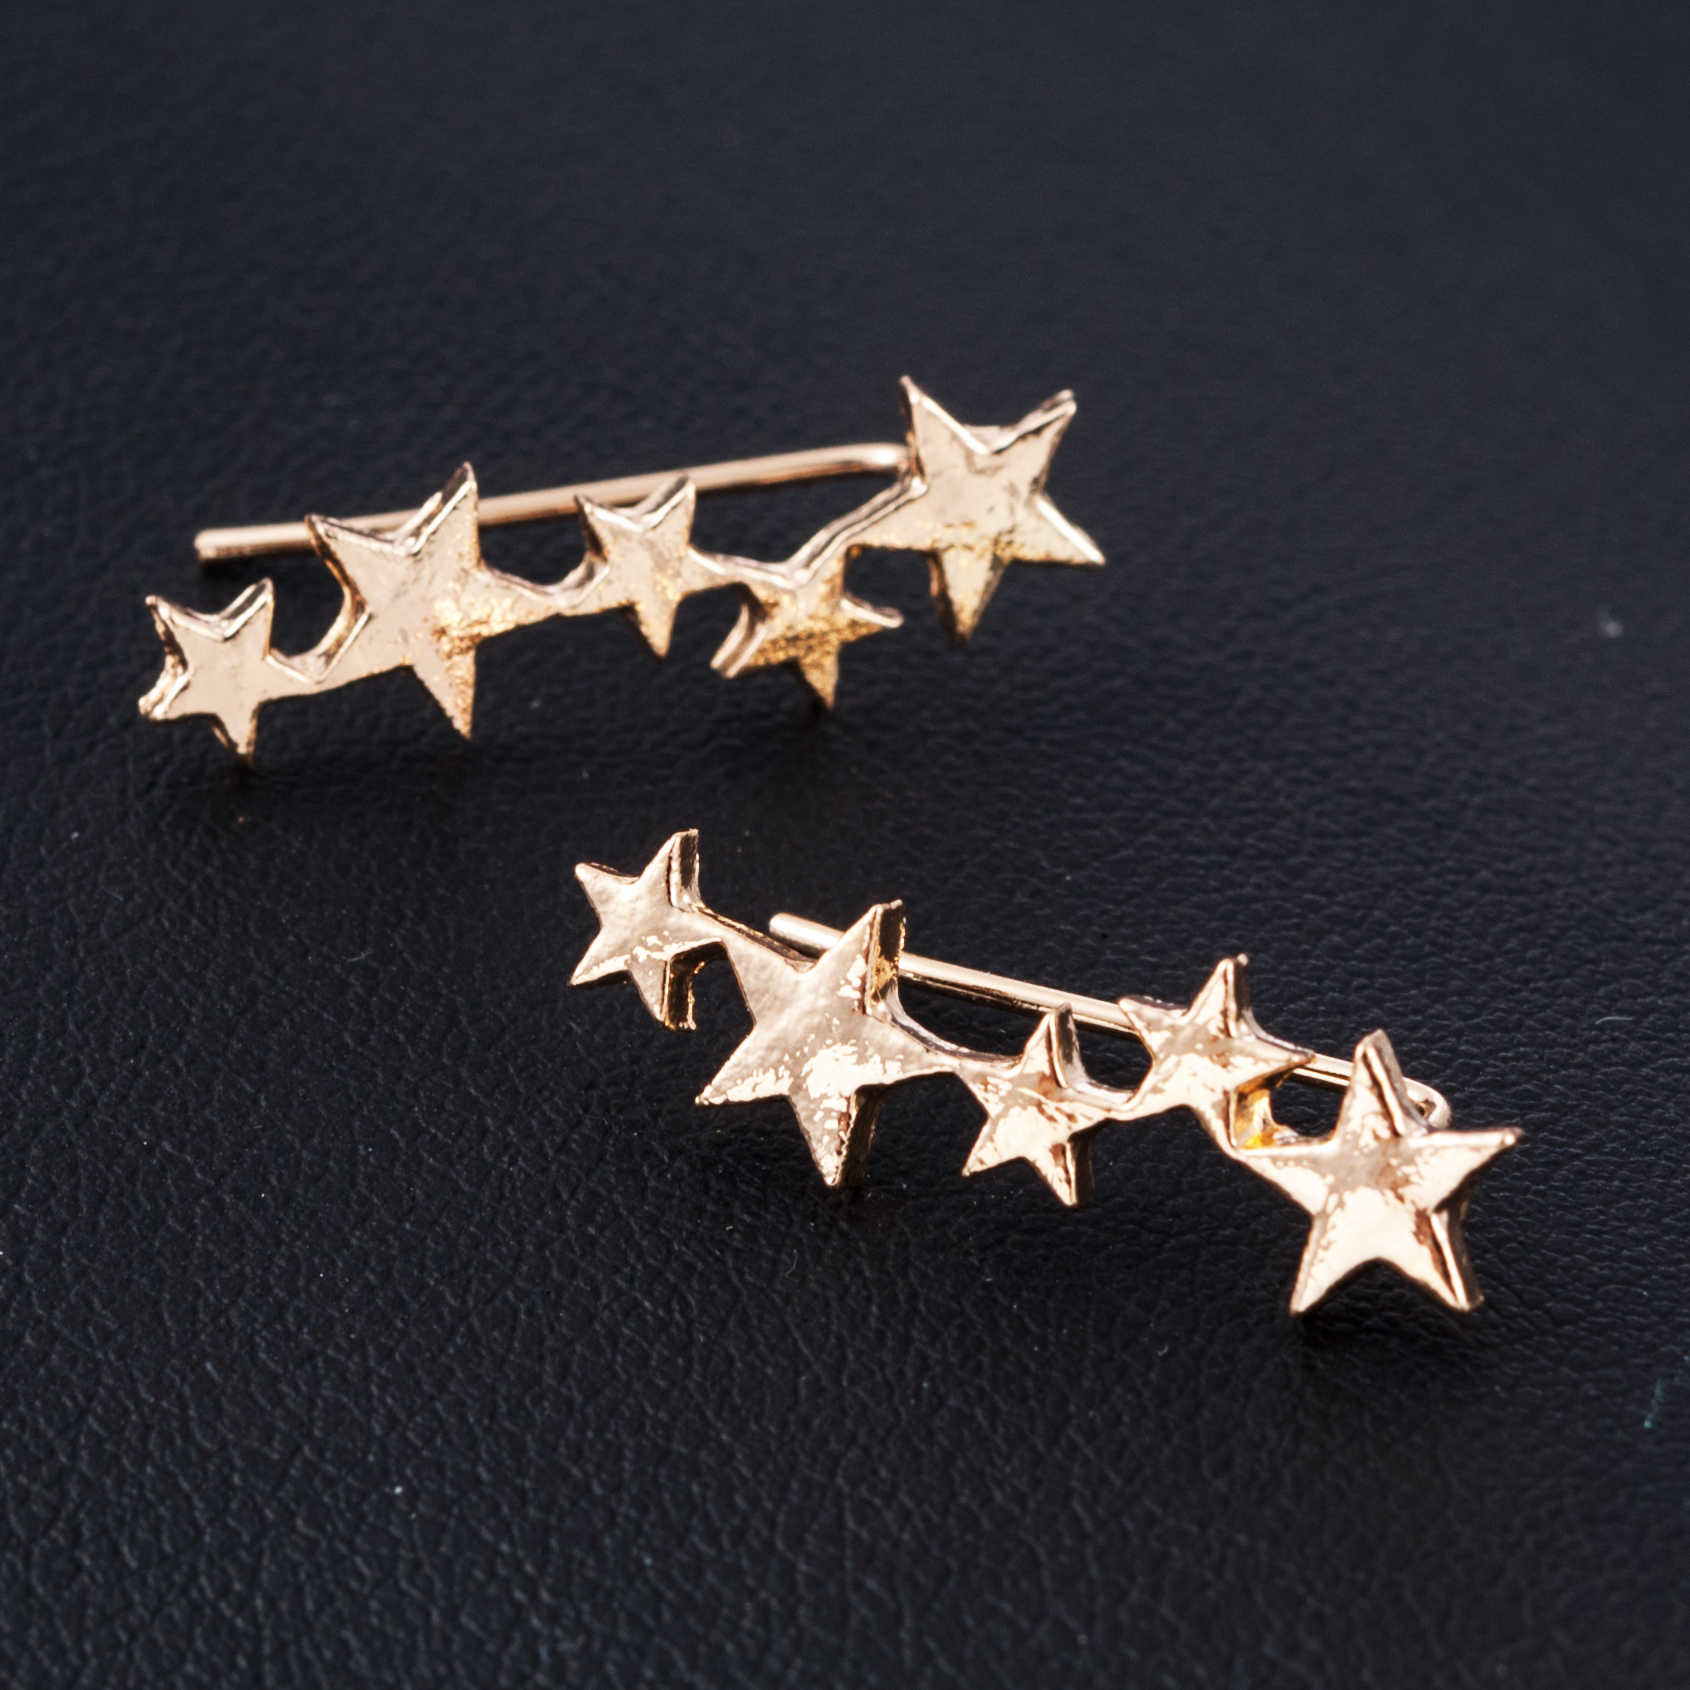 Mountainer Personality Animals Acrylic Harajuku Earrings for Girls Women Birthday Gift